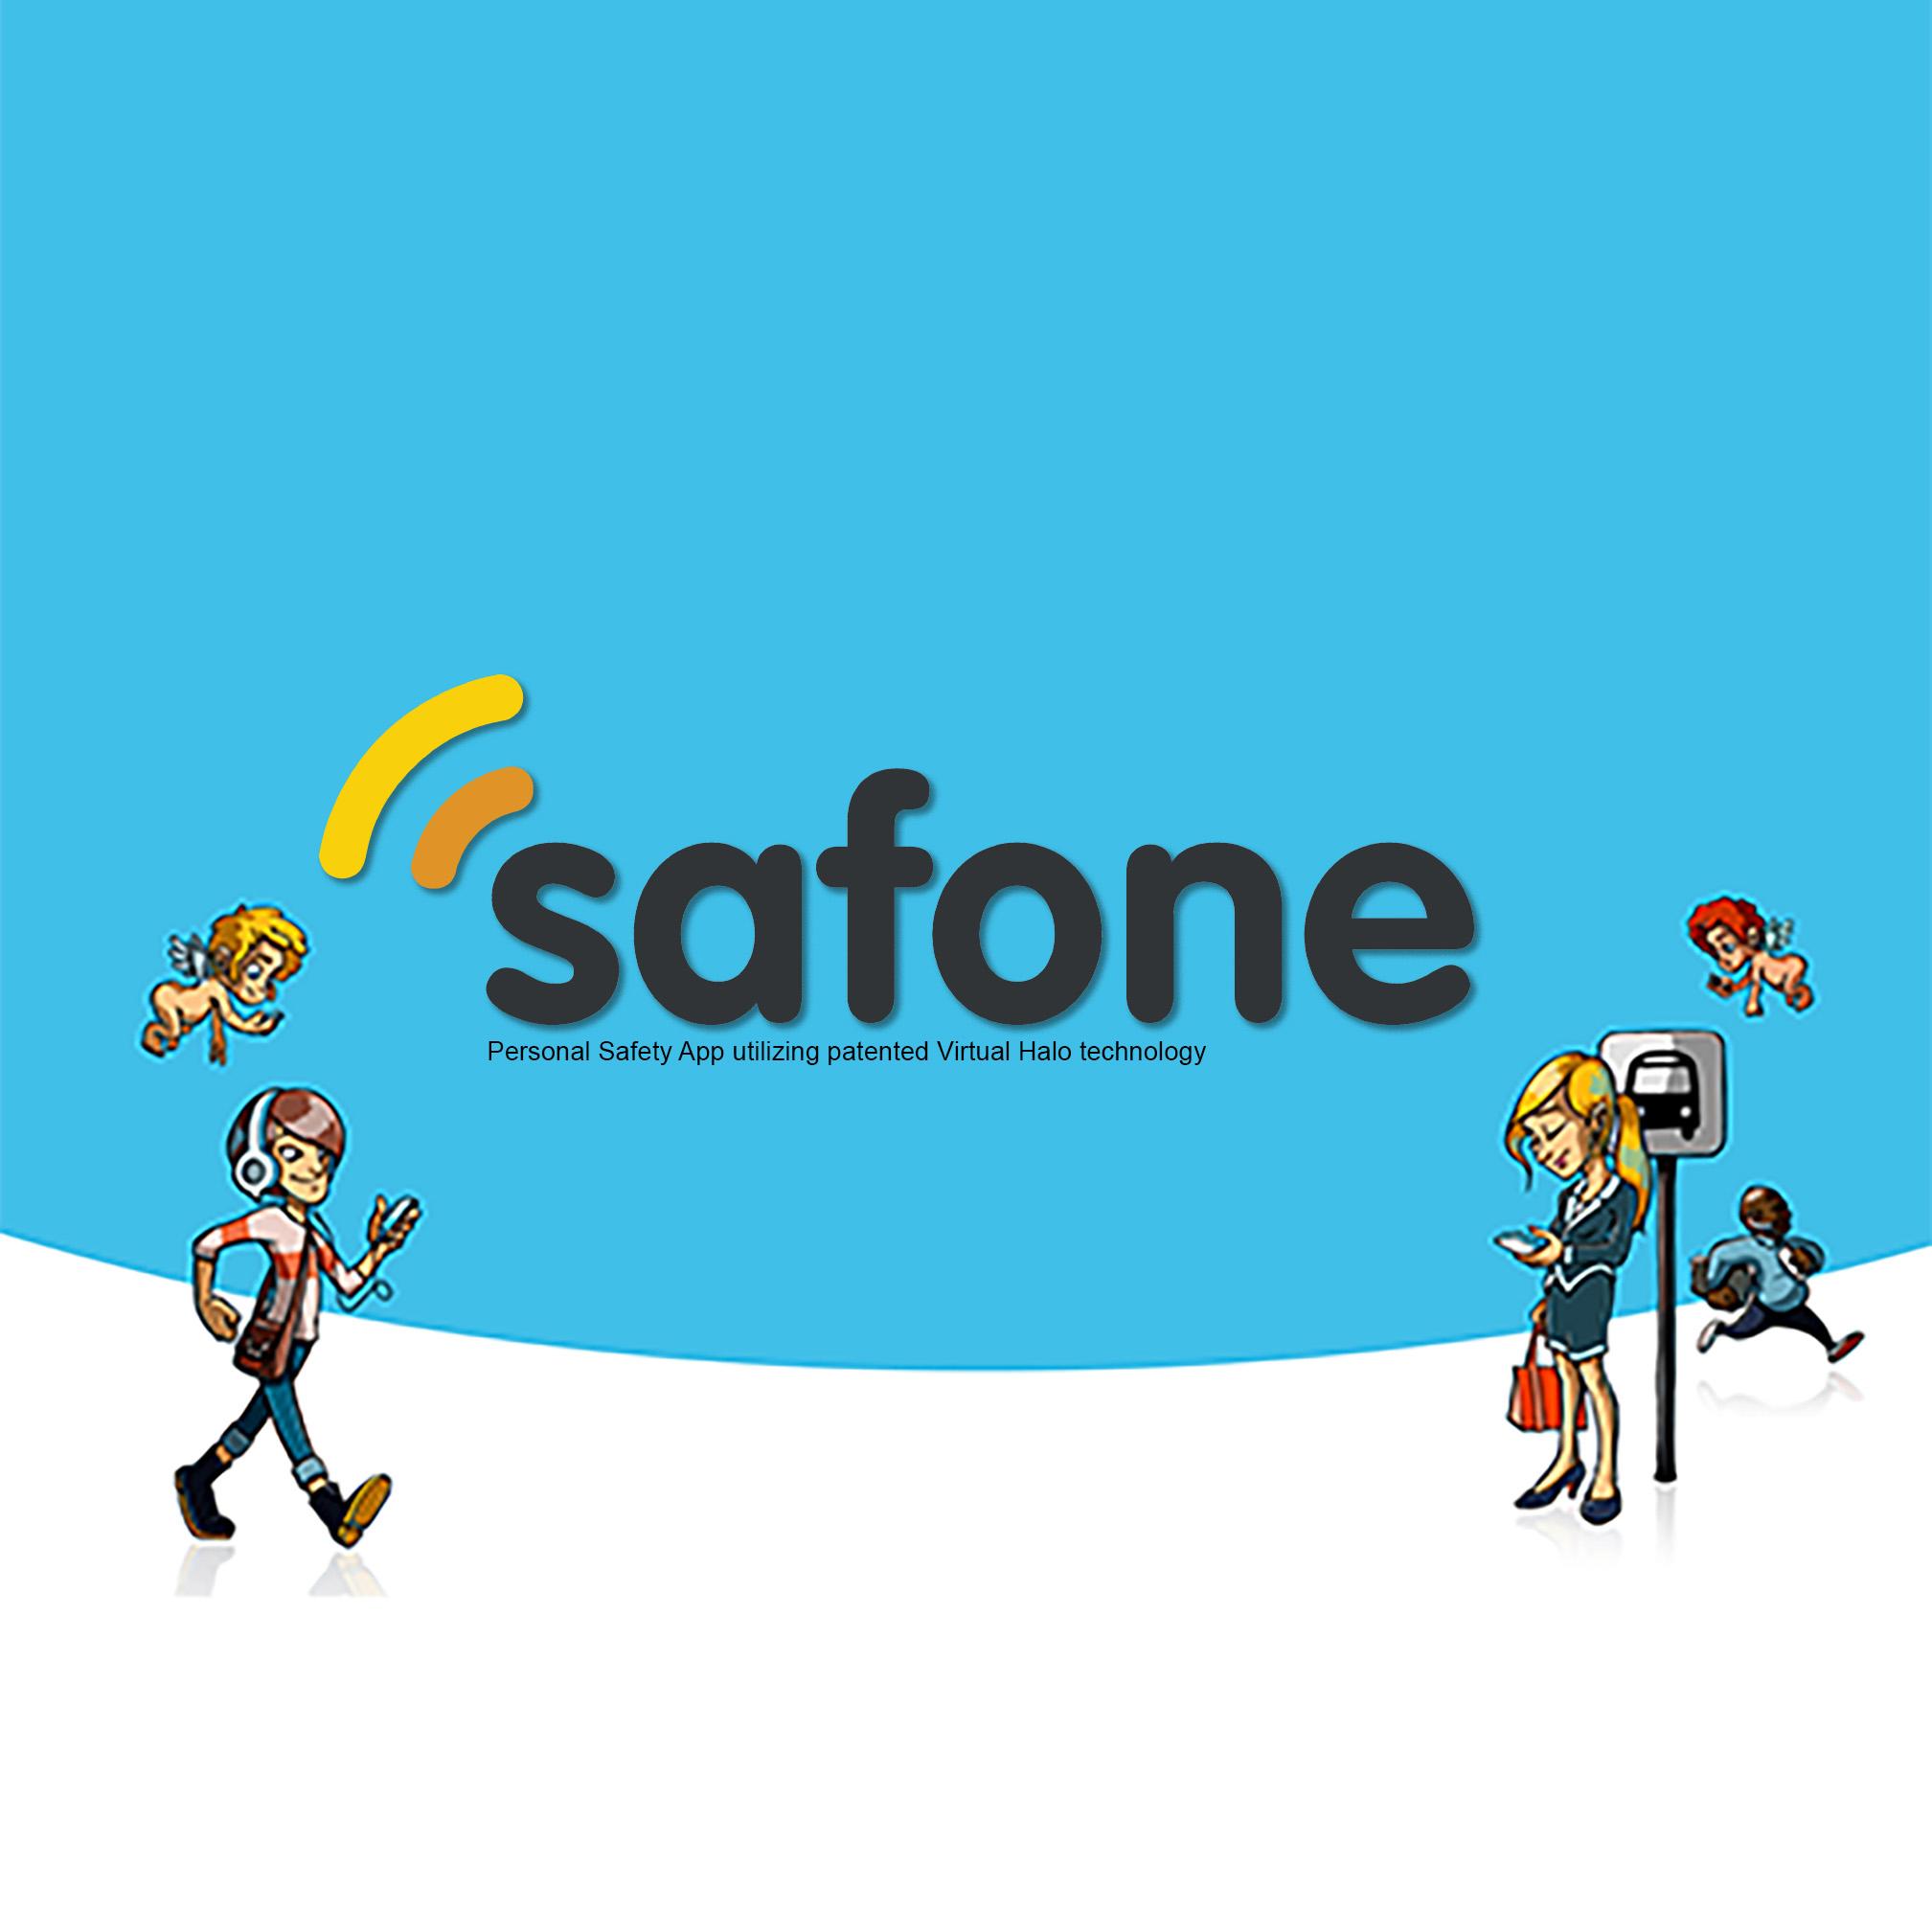 safonebannerv7-square.jpg